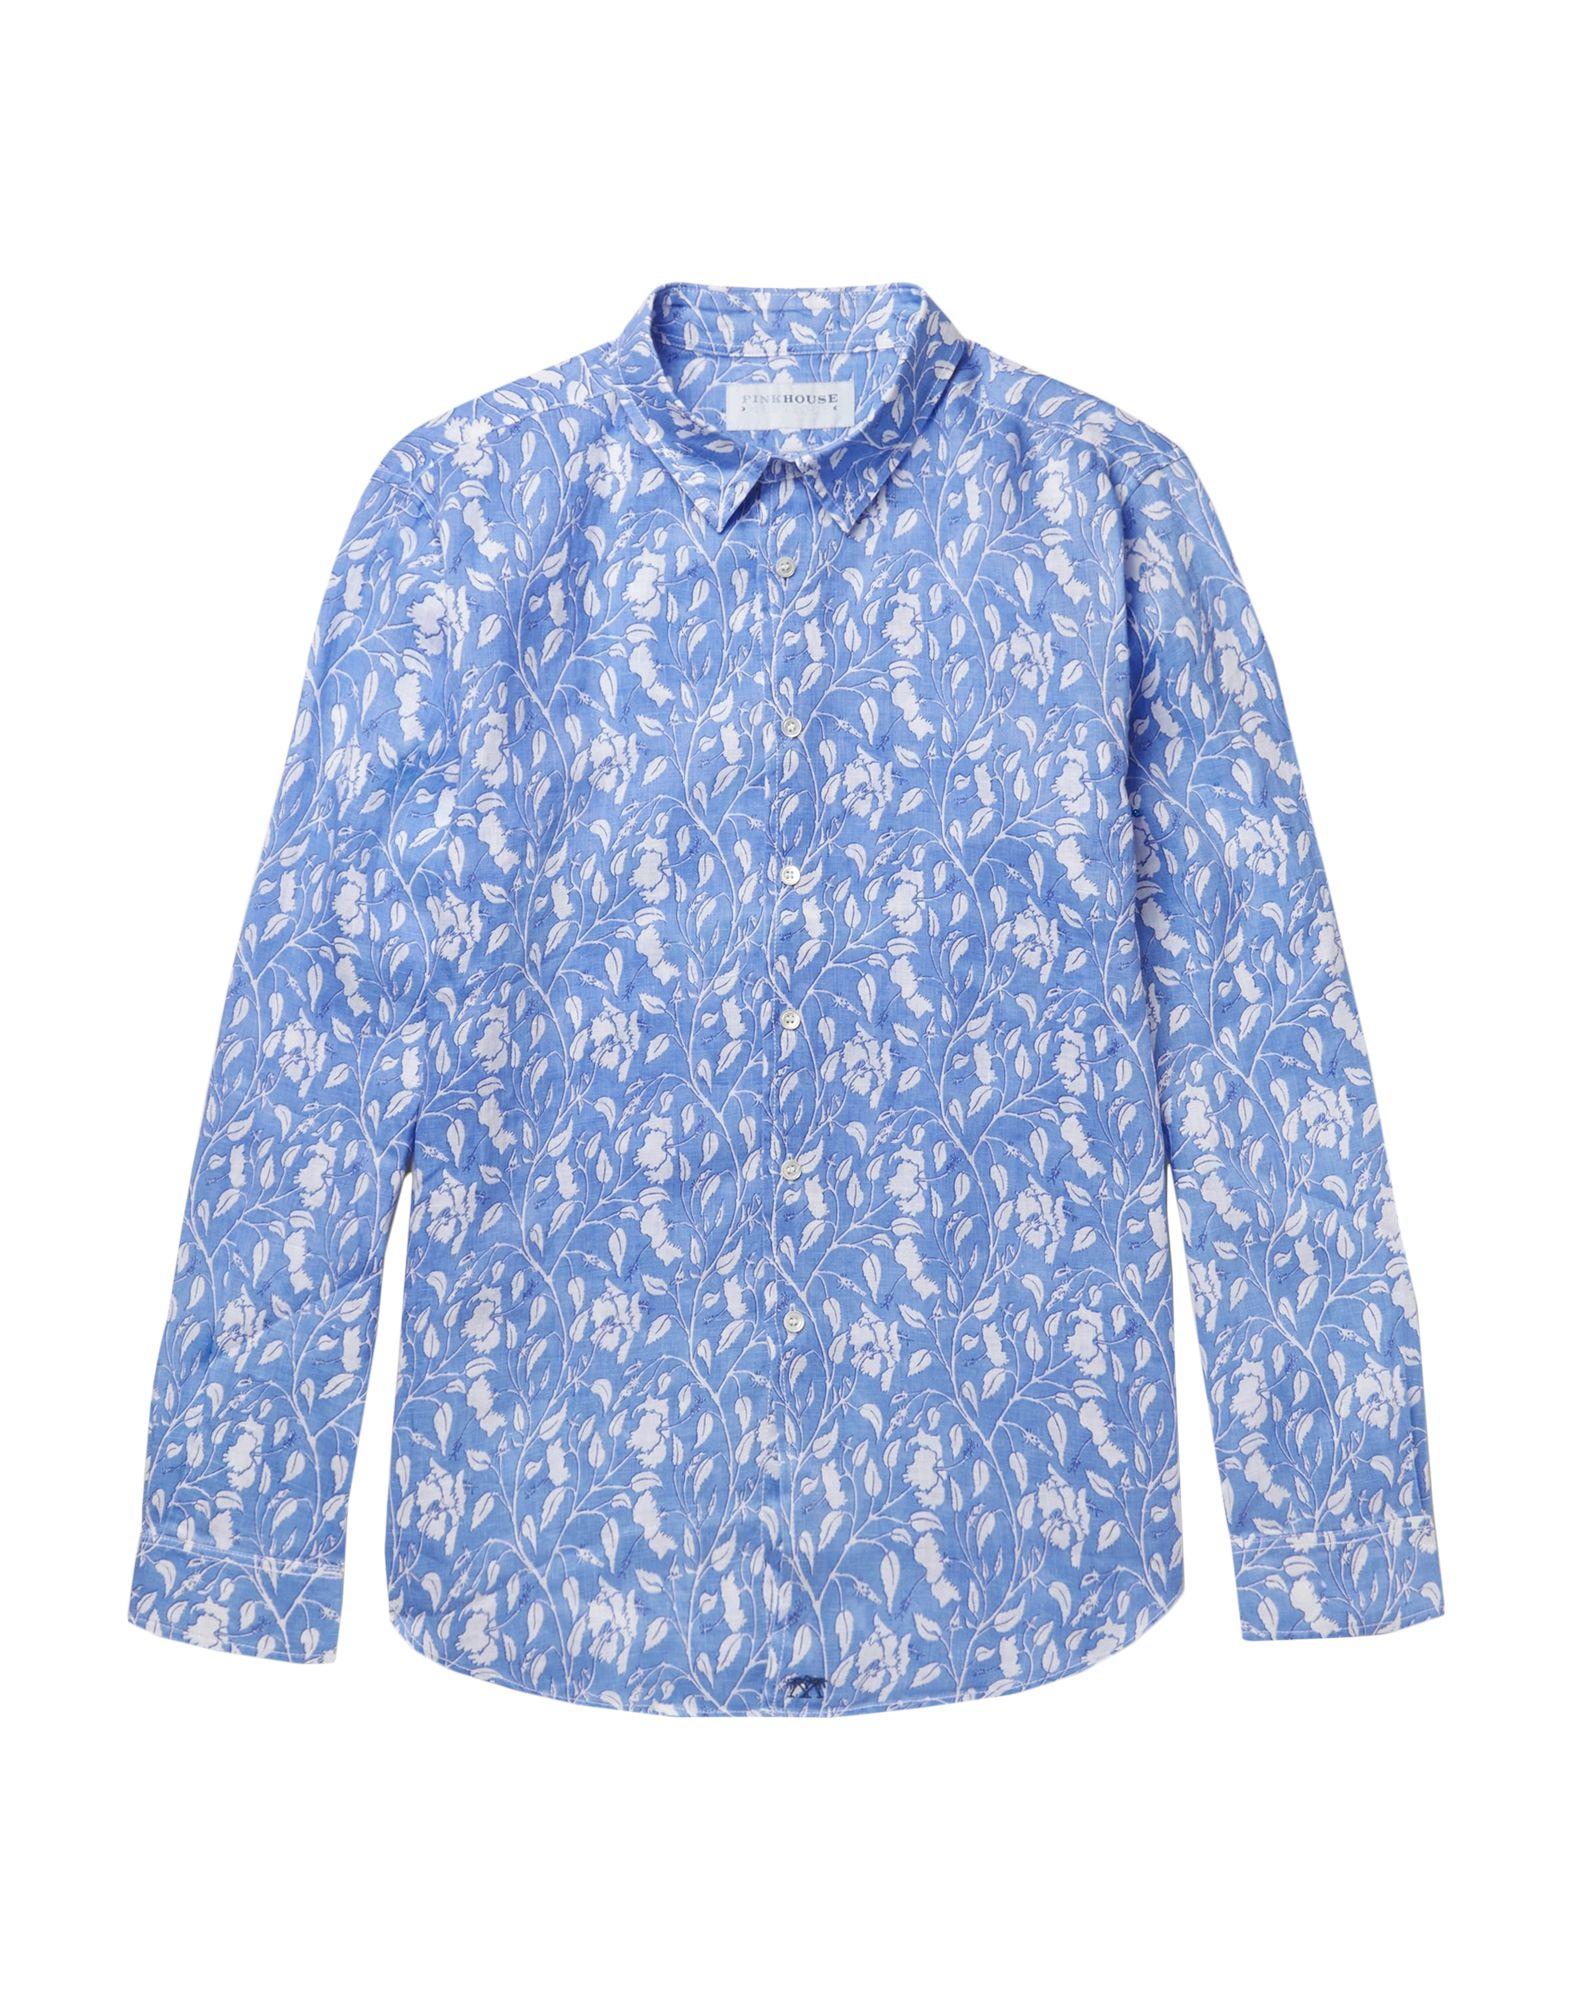 《送料無料》PINK HOUSE MUSTIQUE メンズ シャツ アジュールブルー S 麻 100%